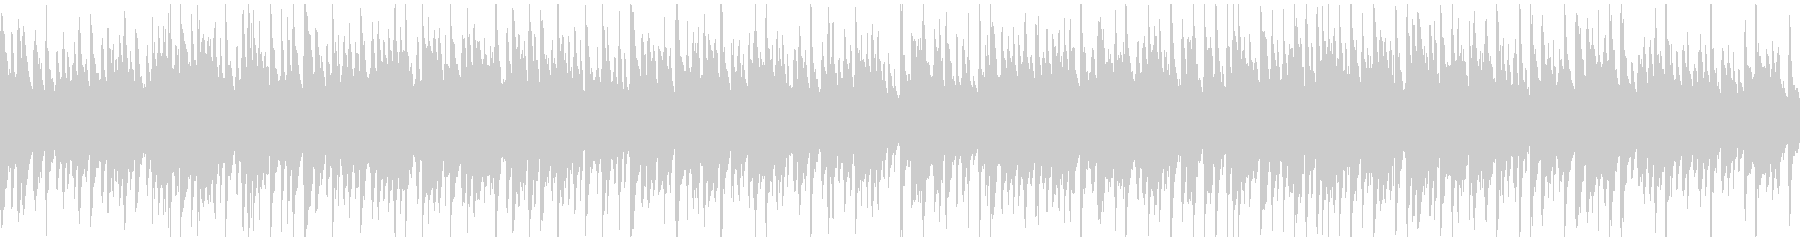 ハワイの海の雰囲気 ウクレレ ※ループ版の未再生の波形